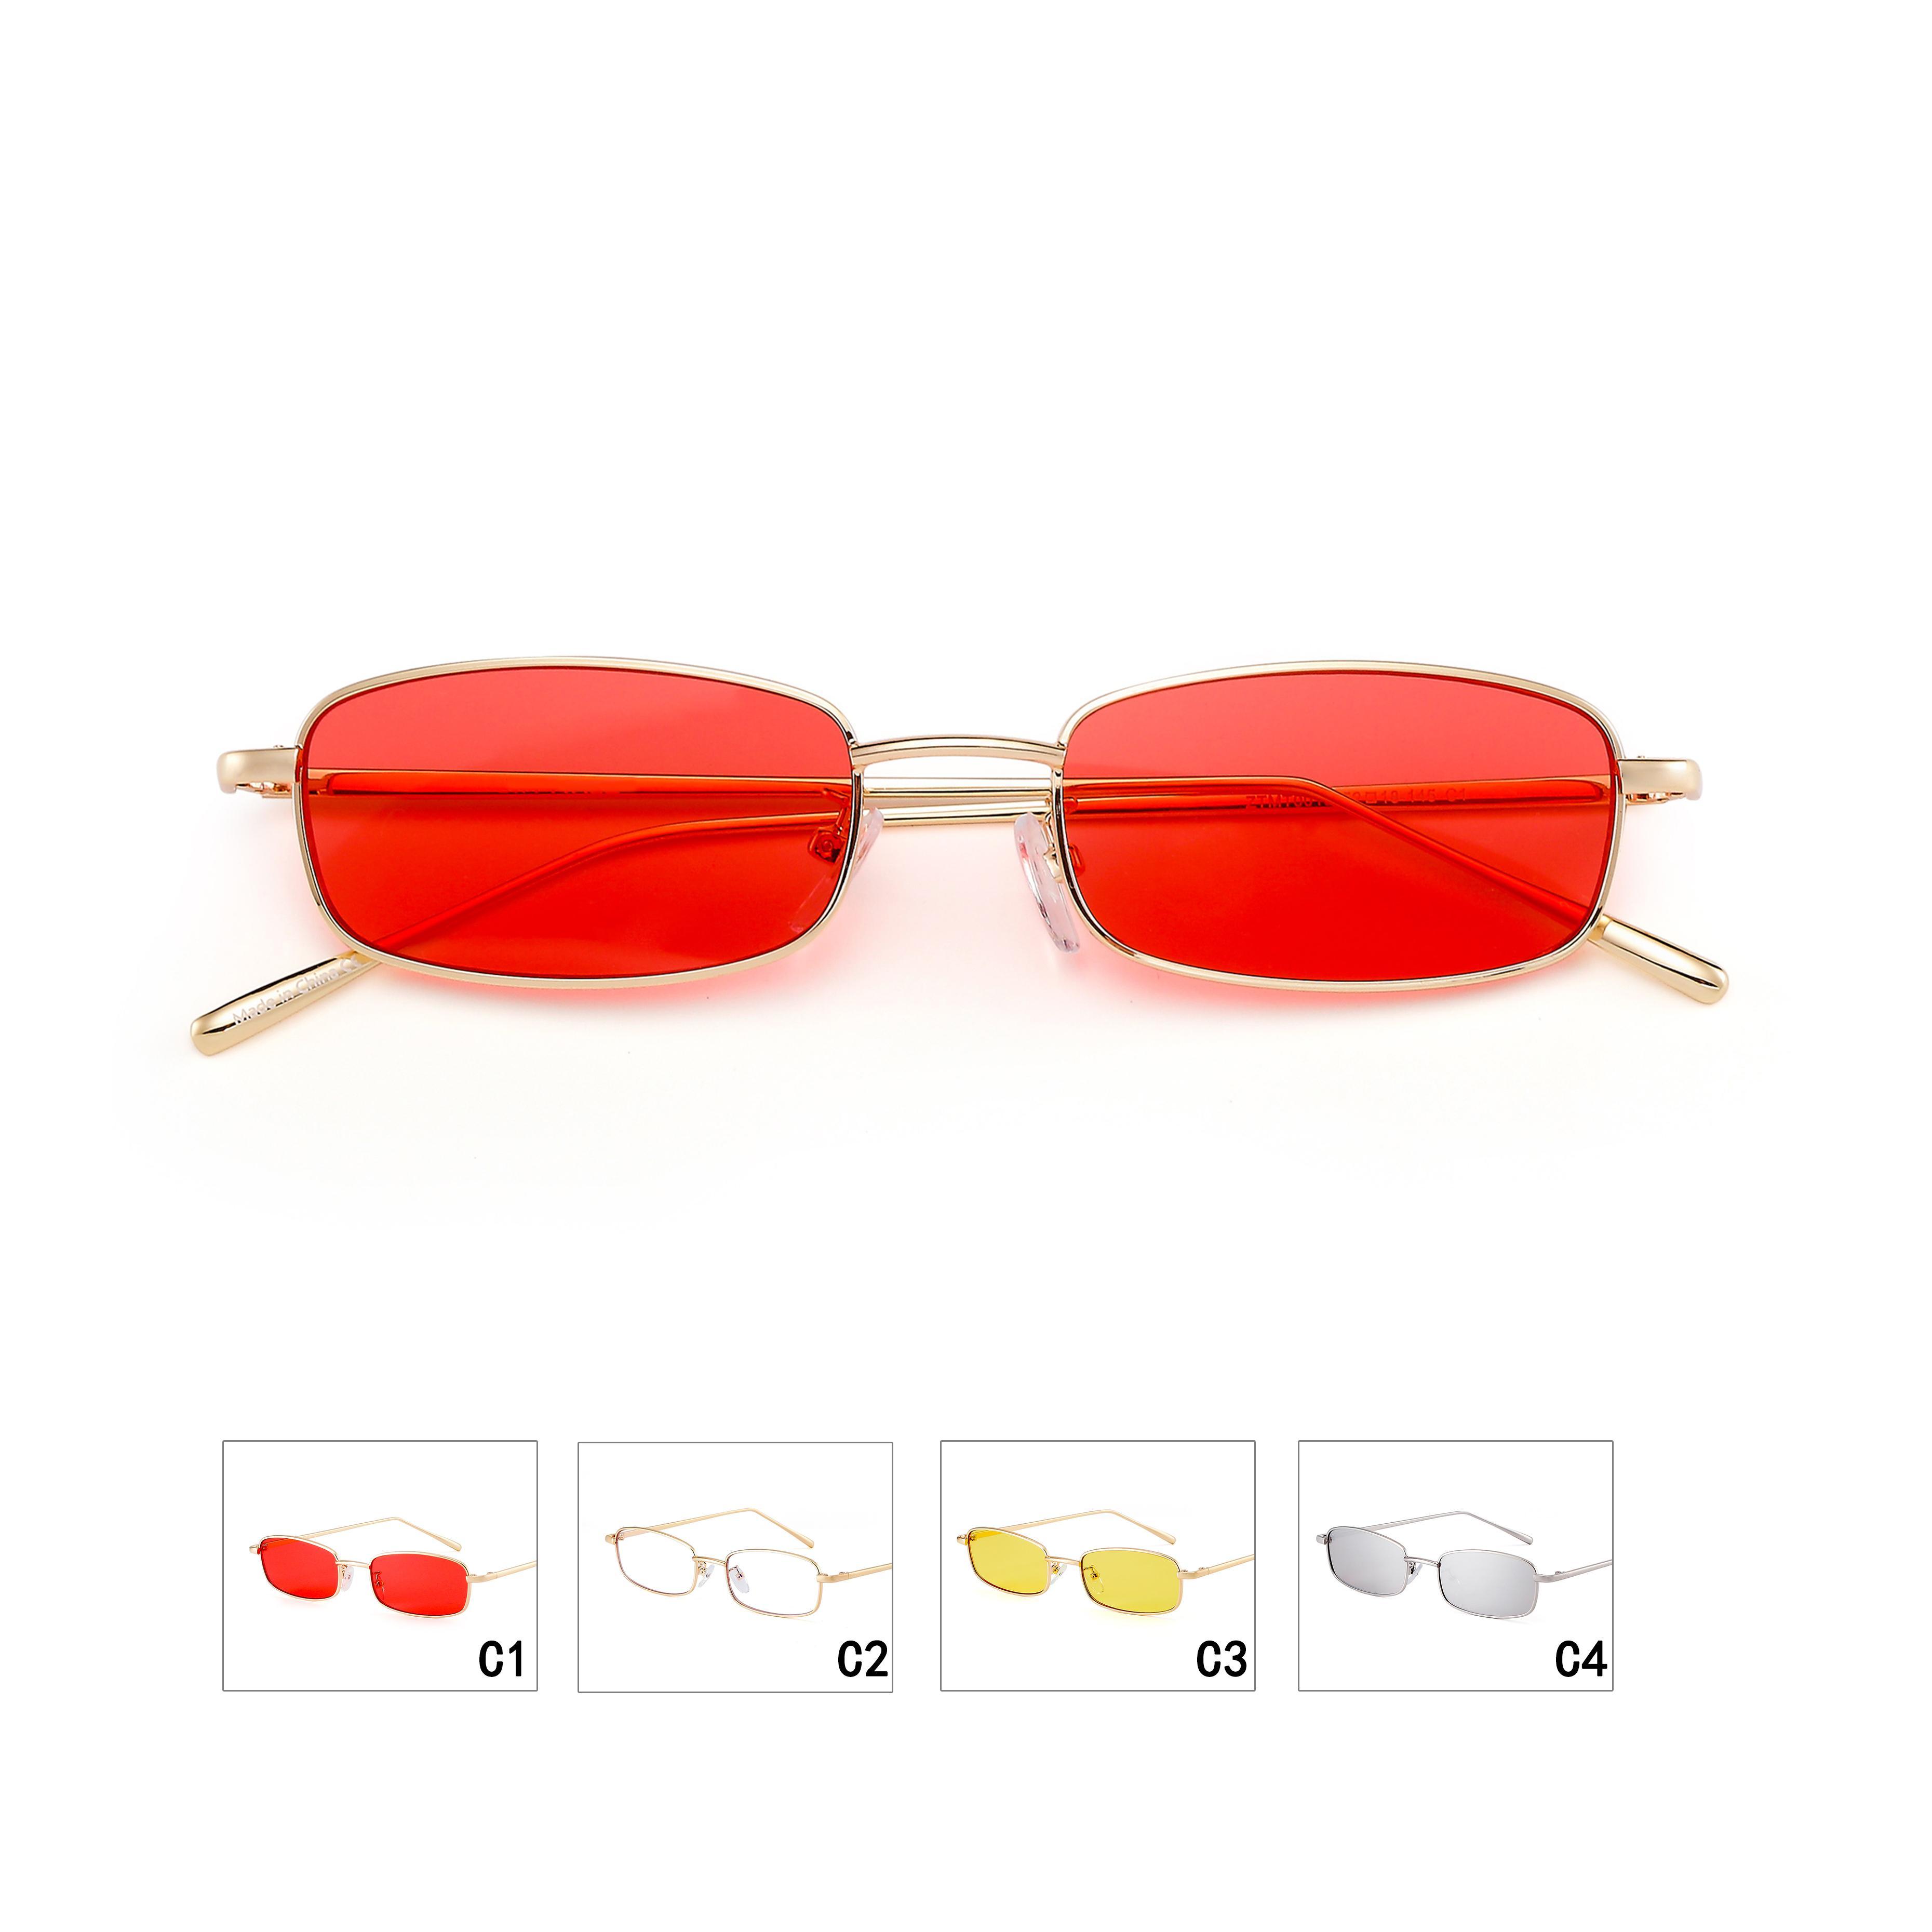 Pequeñas Gafas Hombres Vintage Rojas Gratis Decoración Envío Sol Marcos De Moda Mujeres shrxtQCd